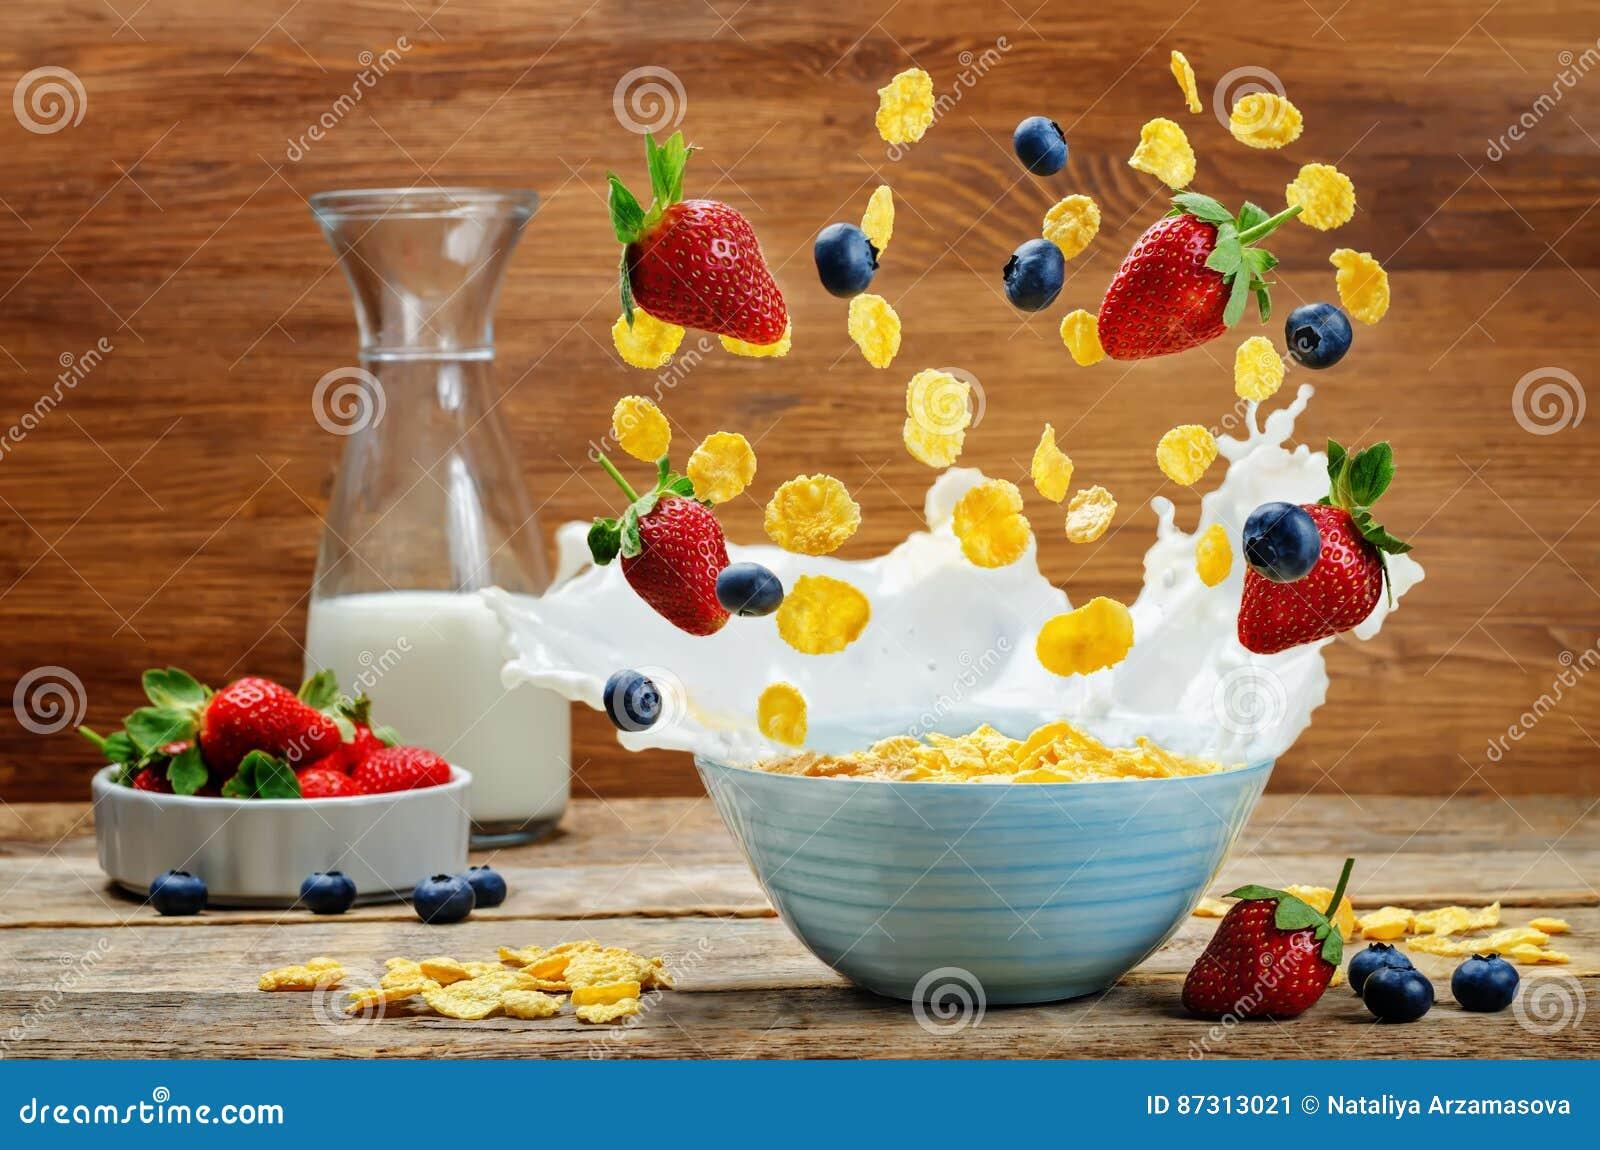 Gezond ontbijt met melk, vliegende cornflakes, aardbeien